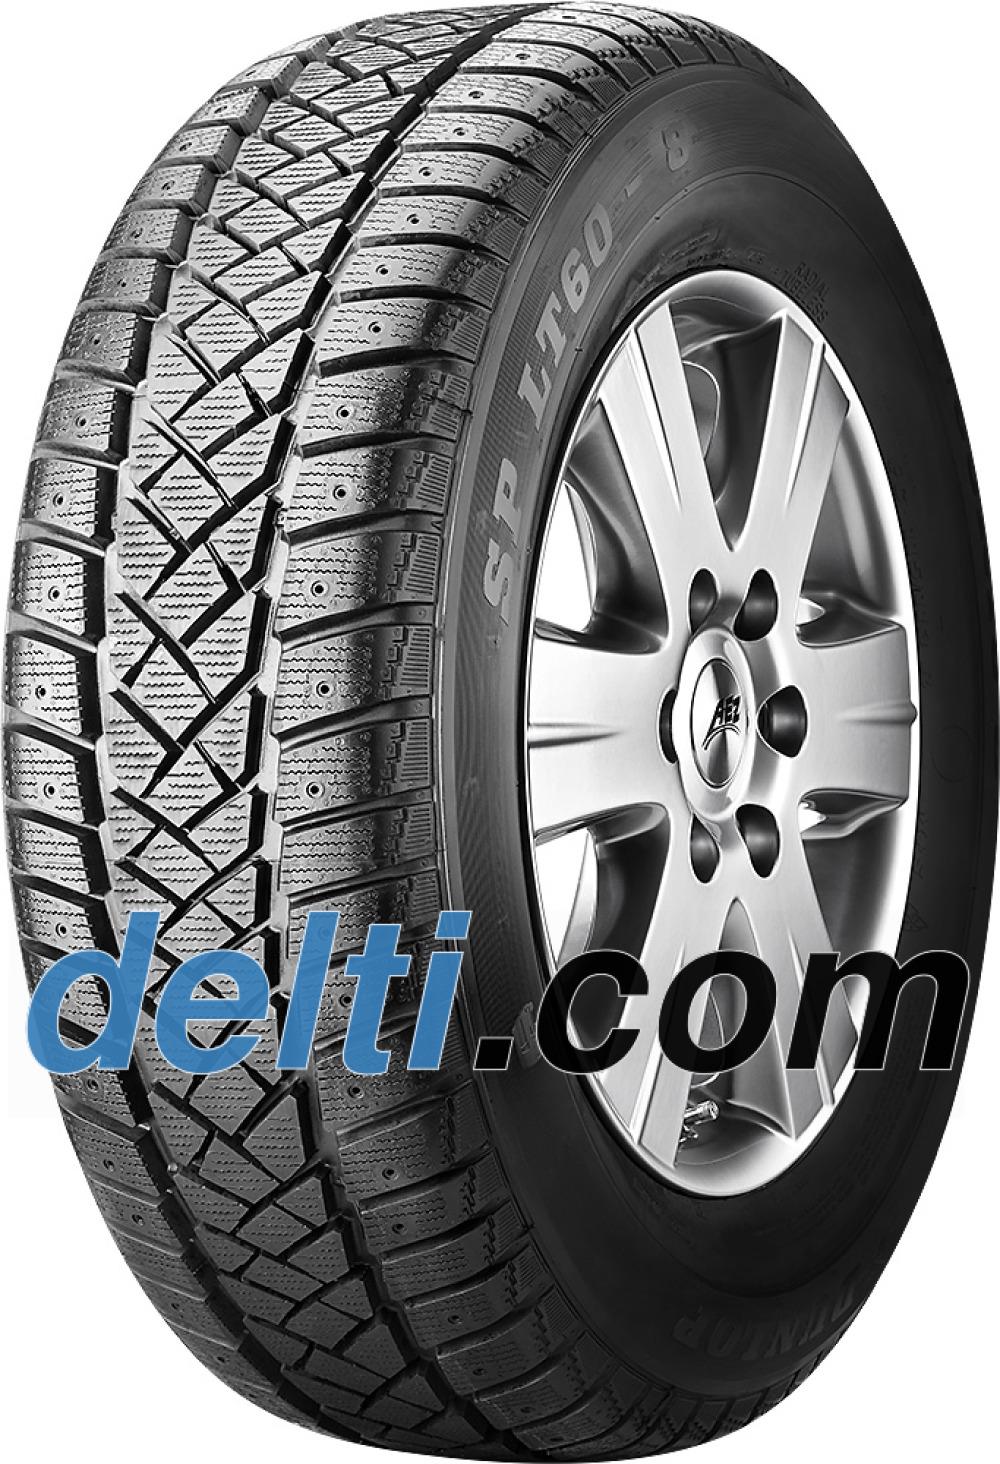 Dunlop SP LT 60 ( 195/65 R16C 104/102R 8PR , studdable )